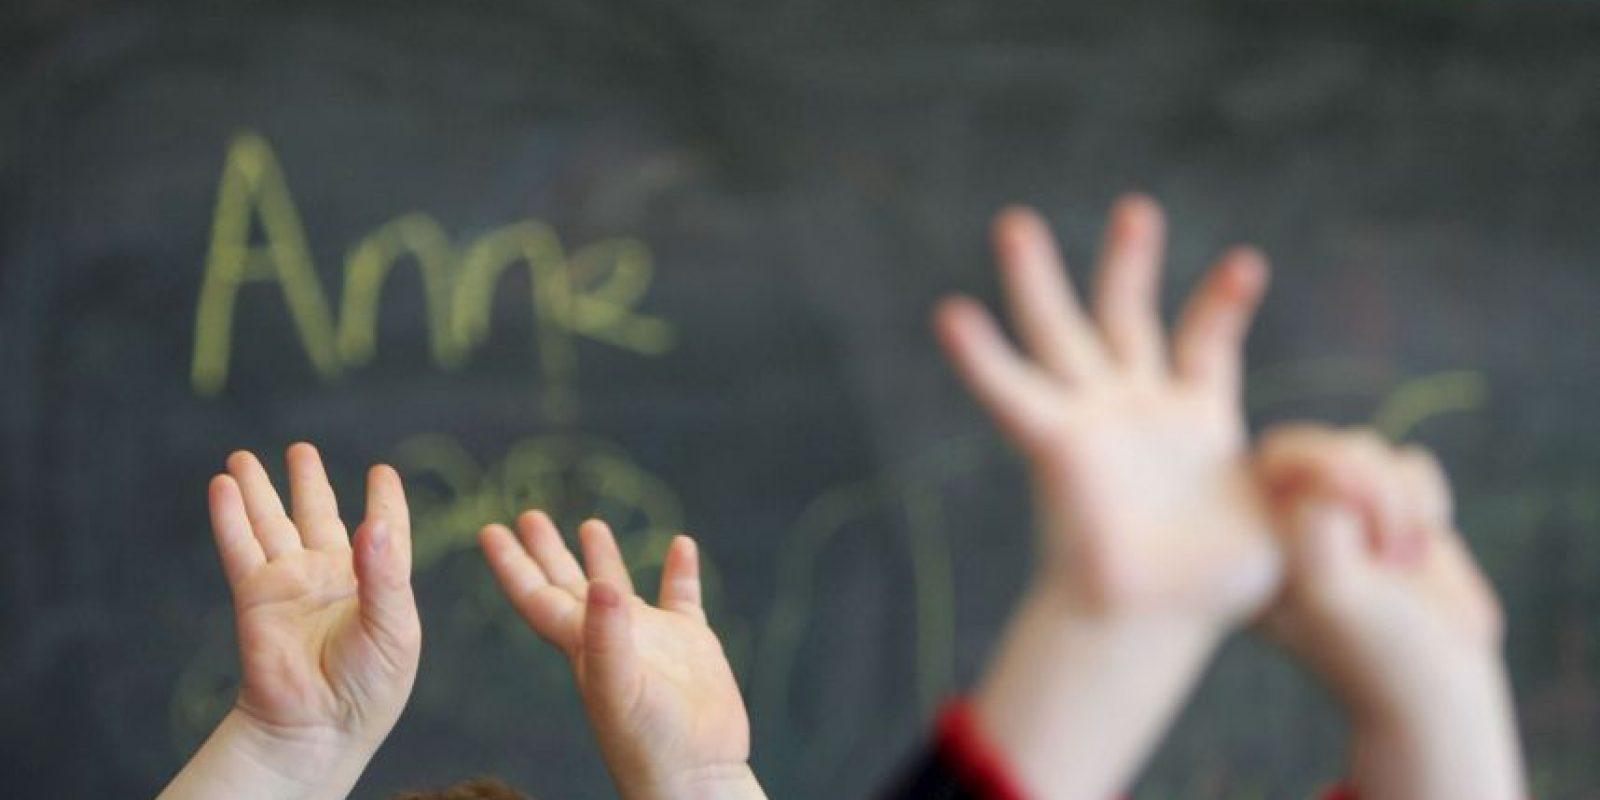 Puede ocurrir en los hogares, instituciones, escuelas y lugares de trabajo. Foto:Getty Images. Imagen Por: